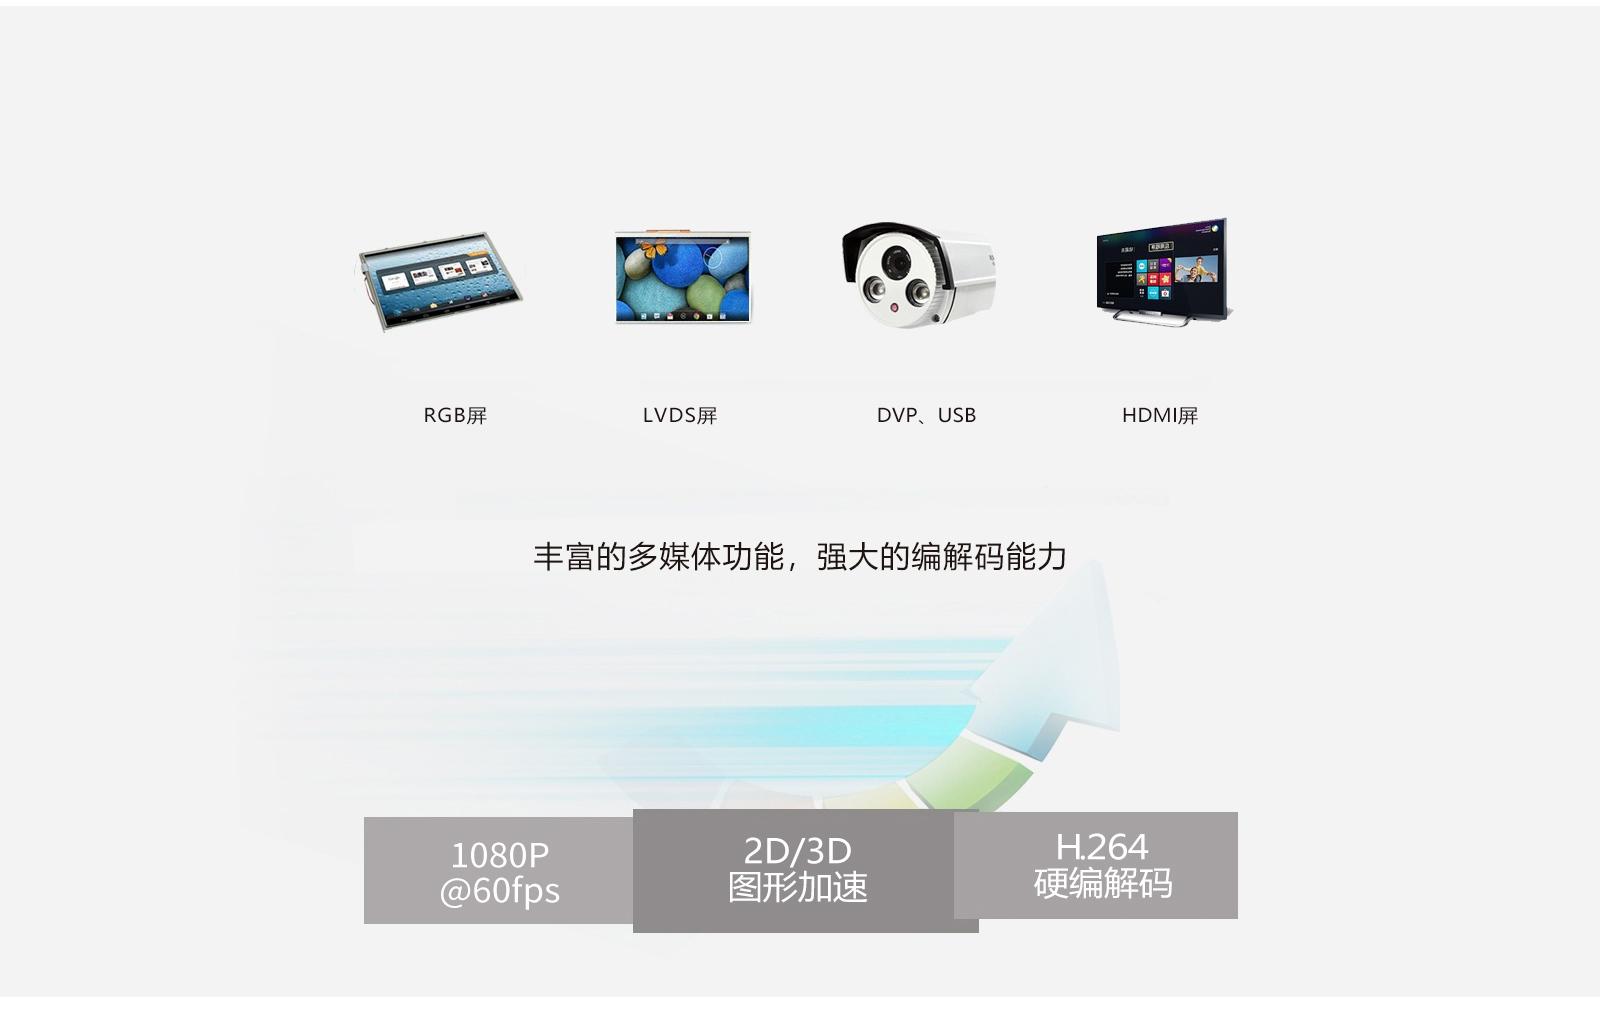 iMX6Q支持多种屏幕及摄像头